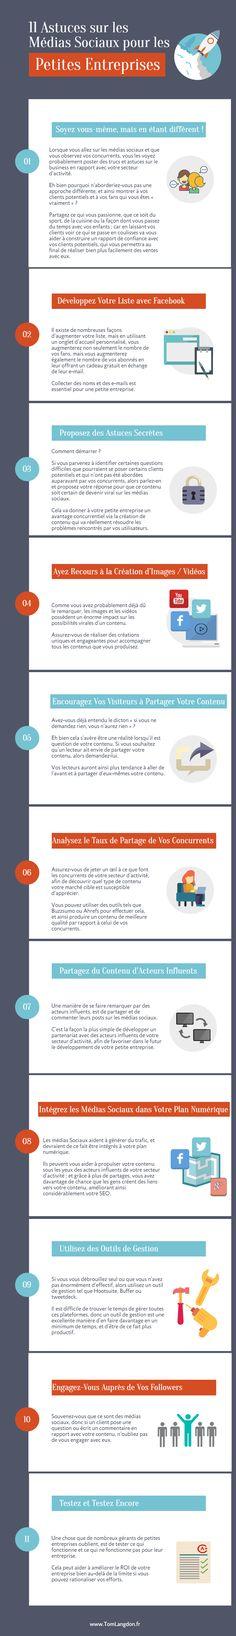 11 Astuces sur les Médias Sociaux pour les Petites Entreprises | Webmarketing & co'm #Mediasocial